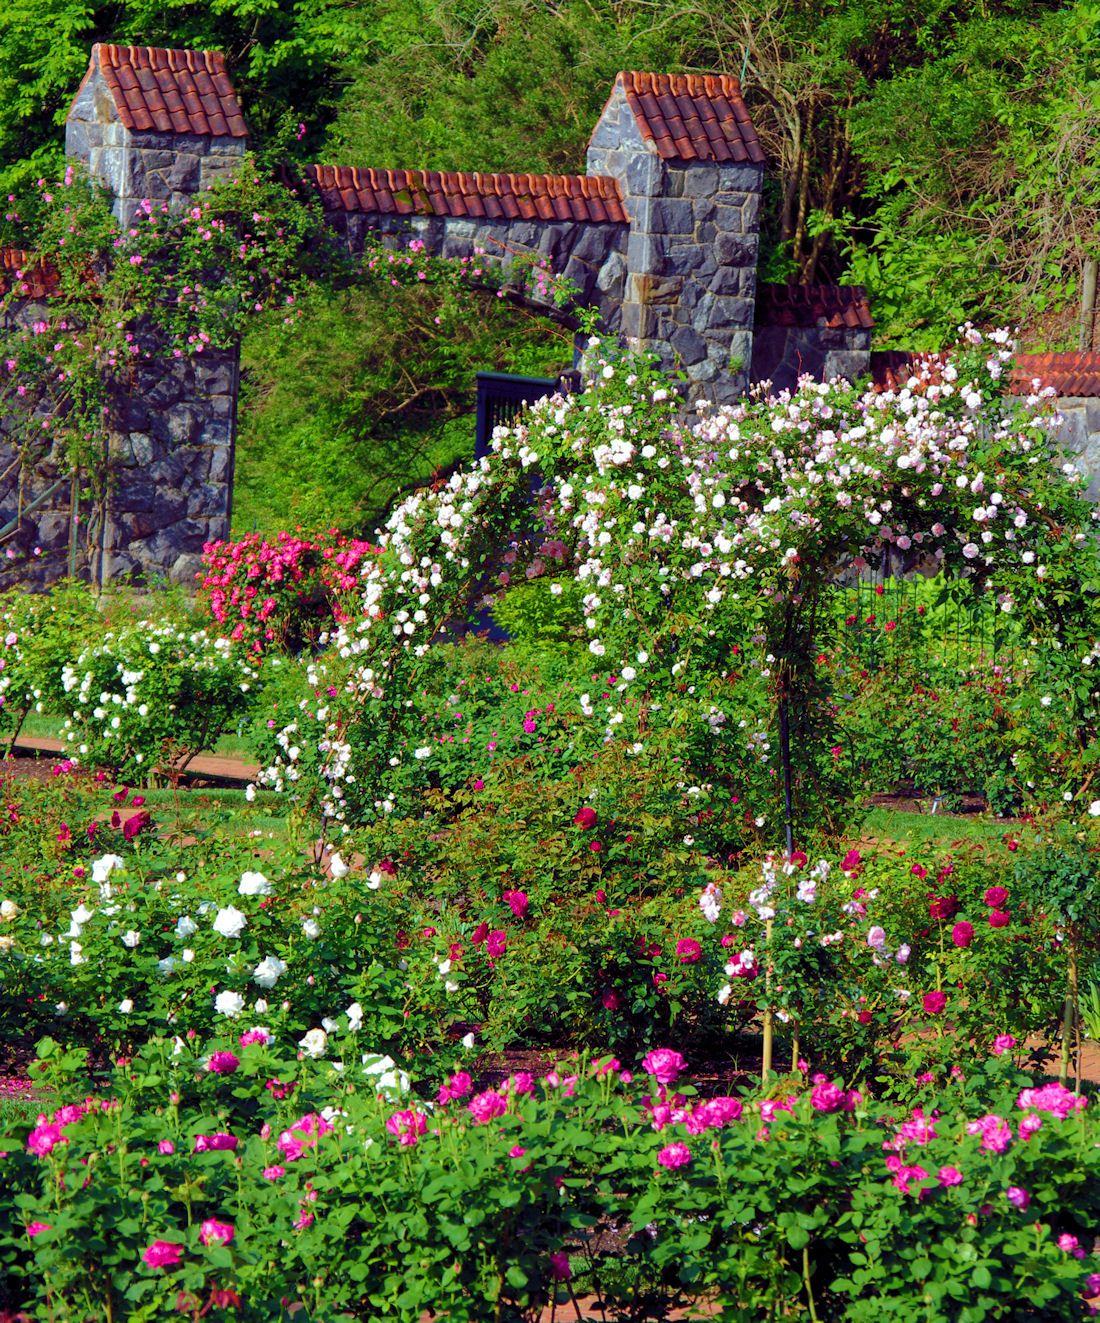 The Rose Garden At Biltmore Estate In Asheville